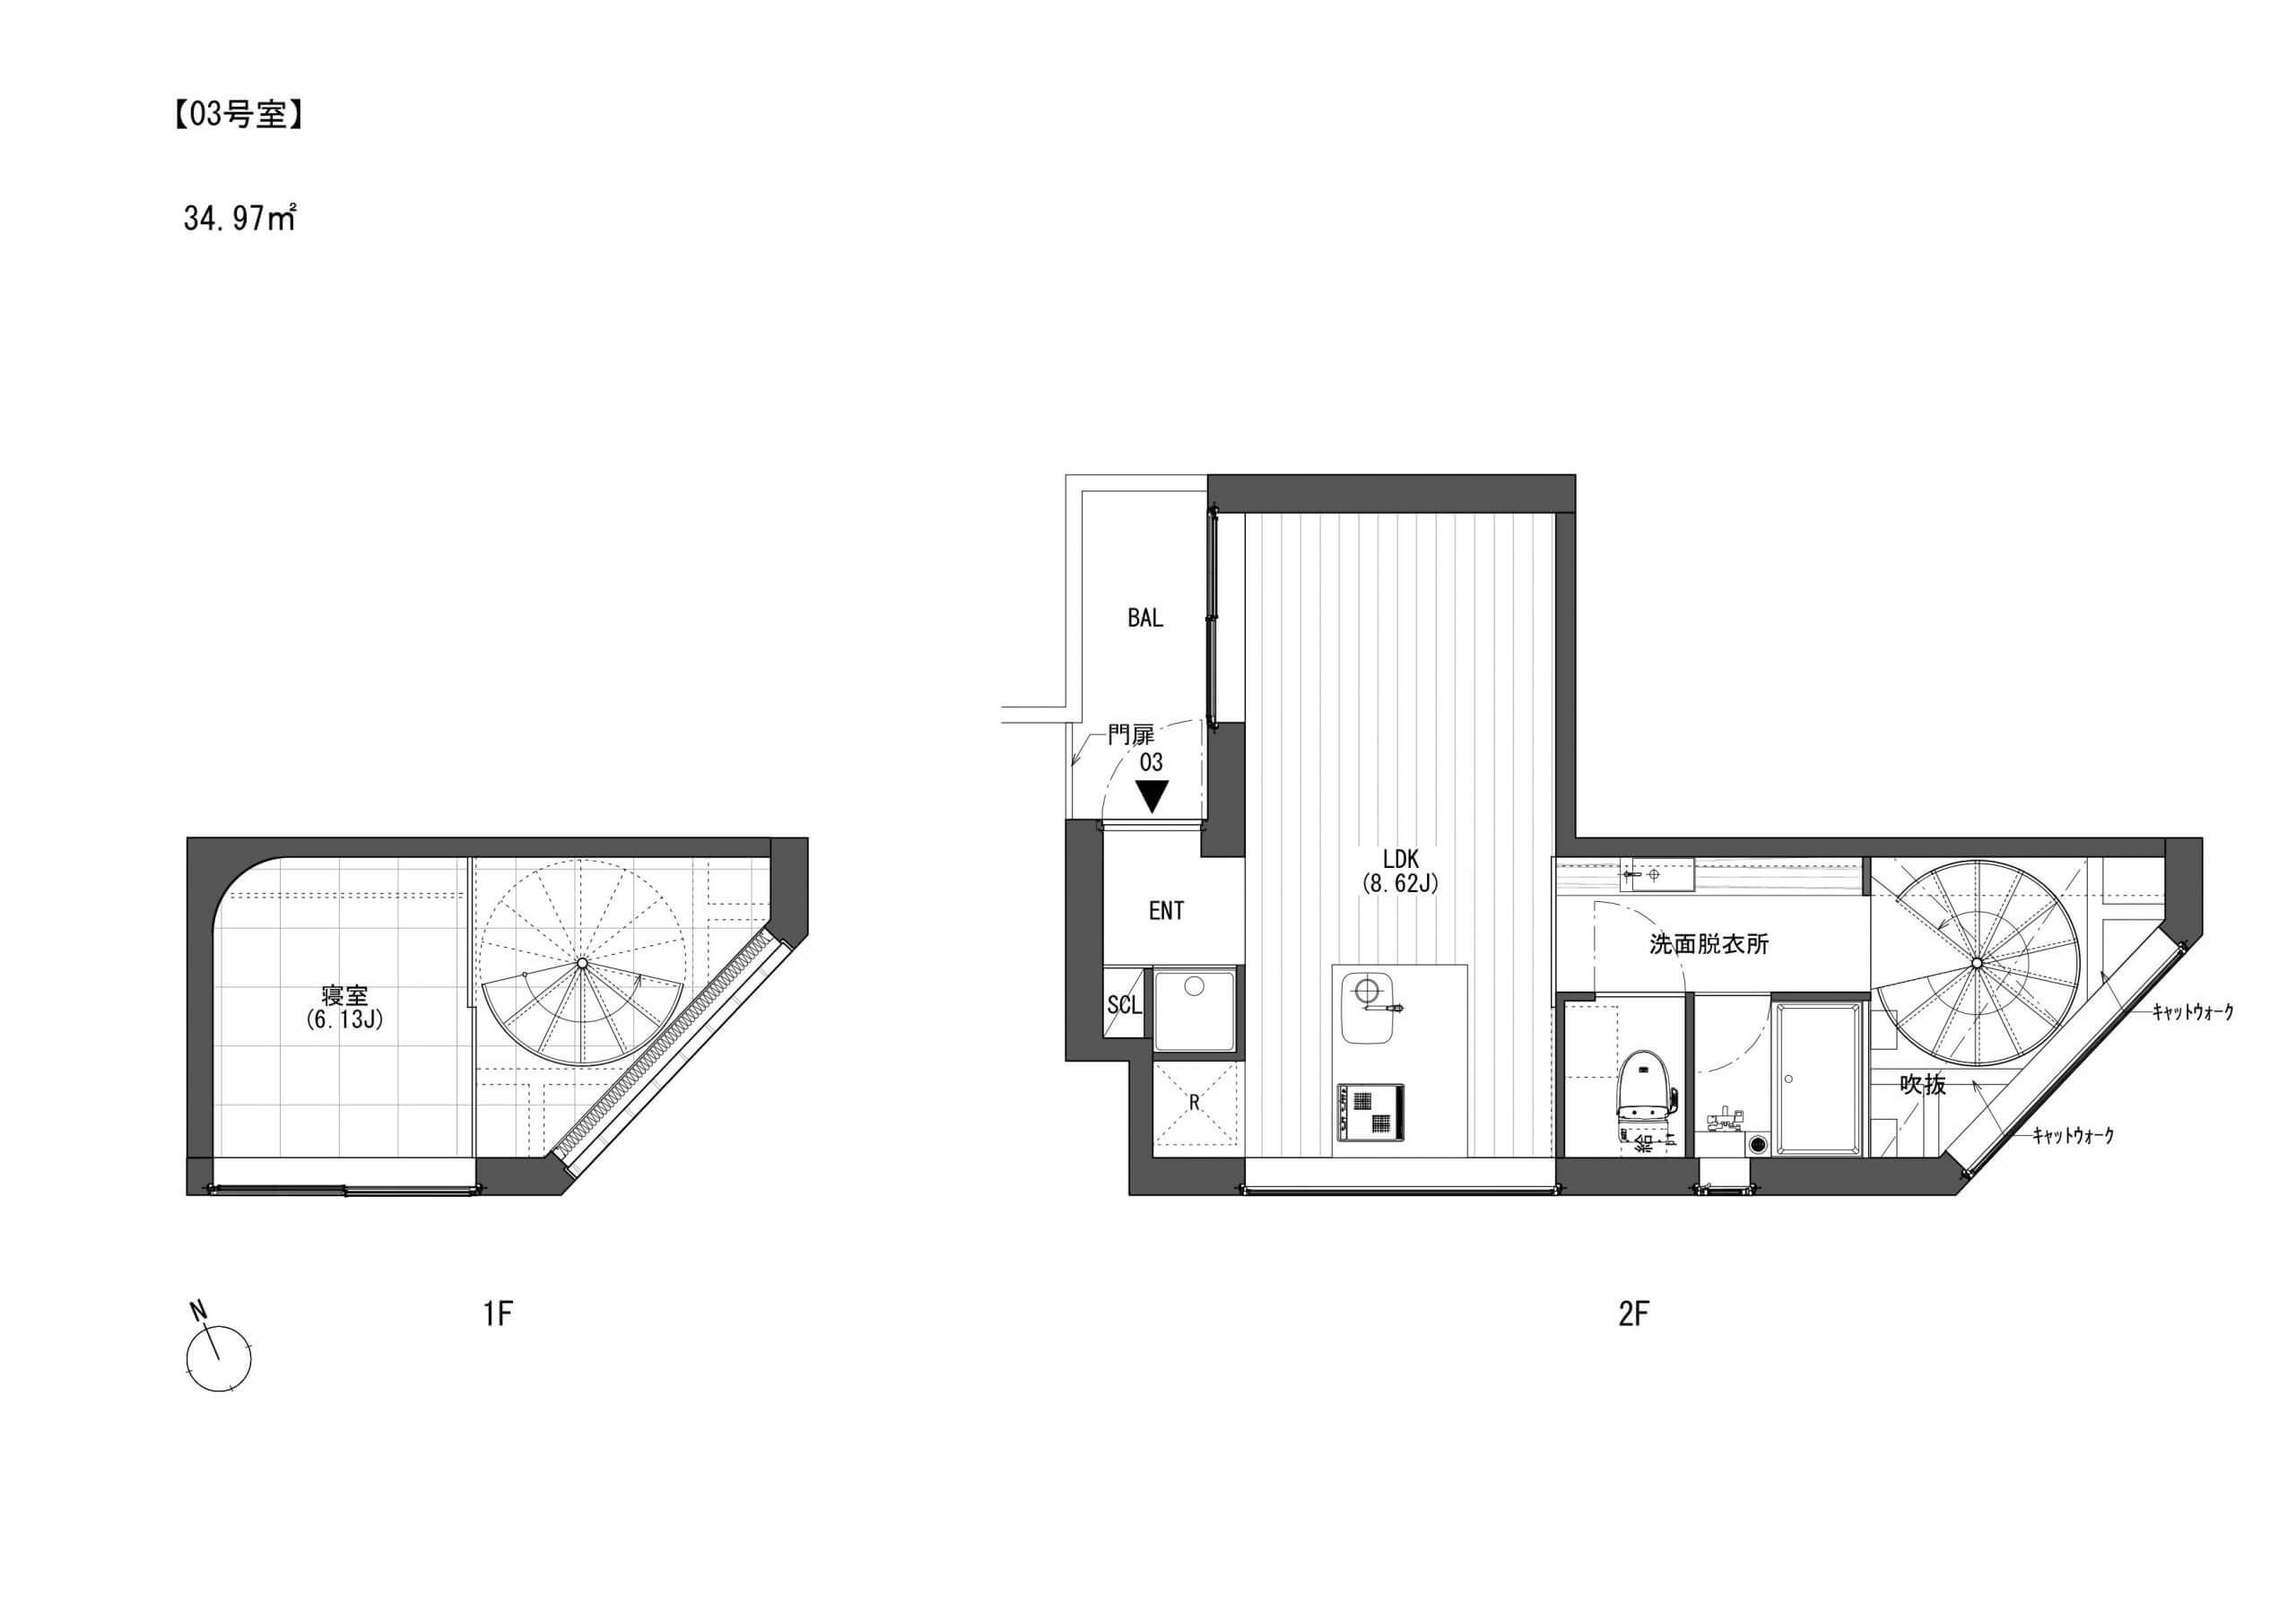 こちらは3号室です。賃料160000円、共益費10000円でございますにゃ。